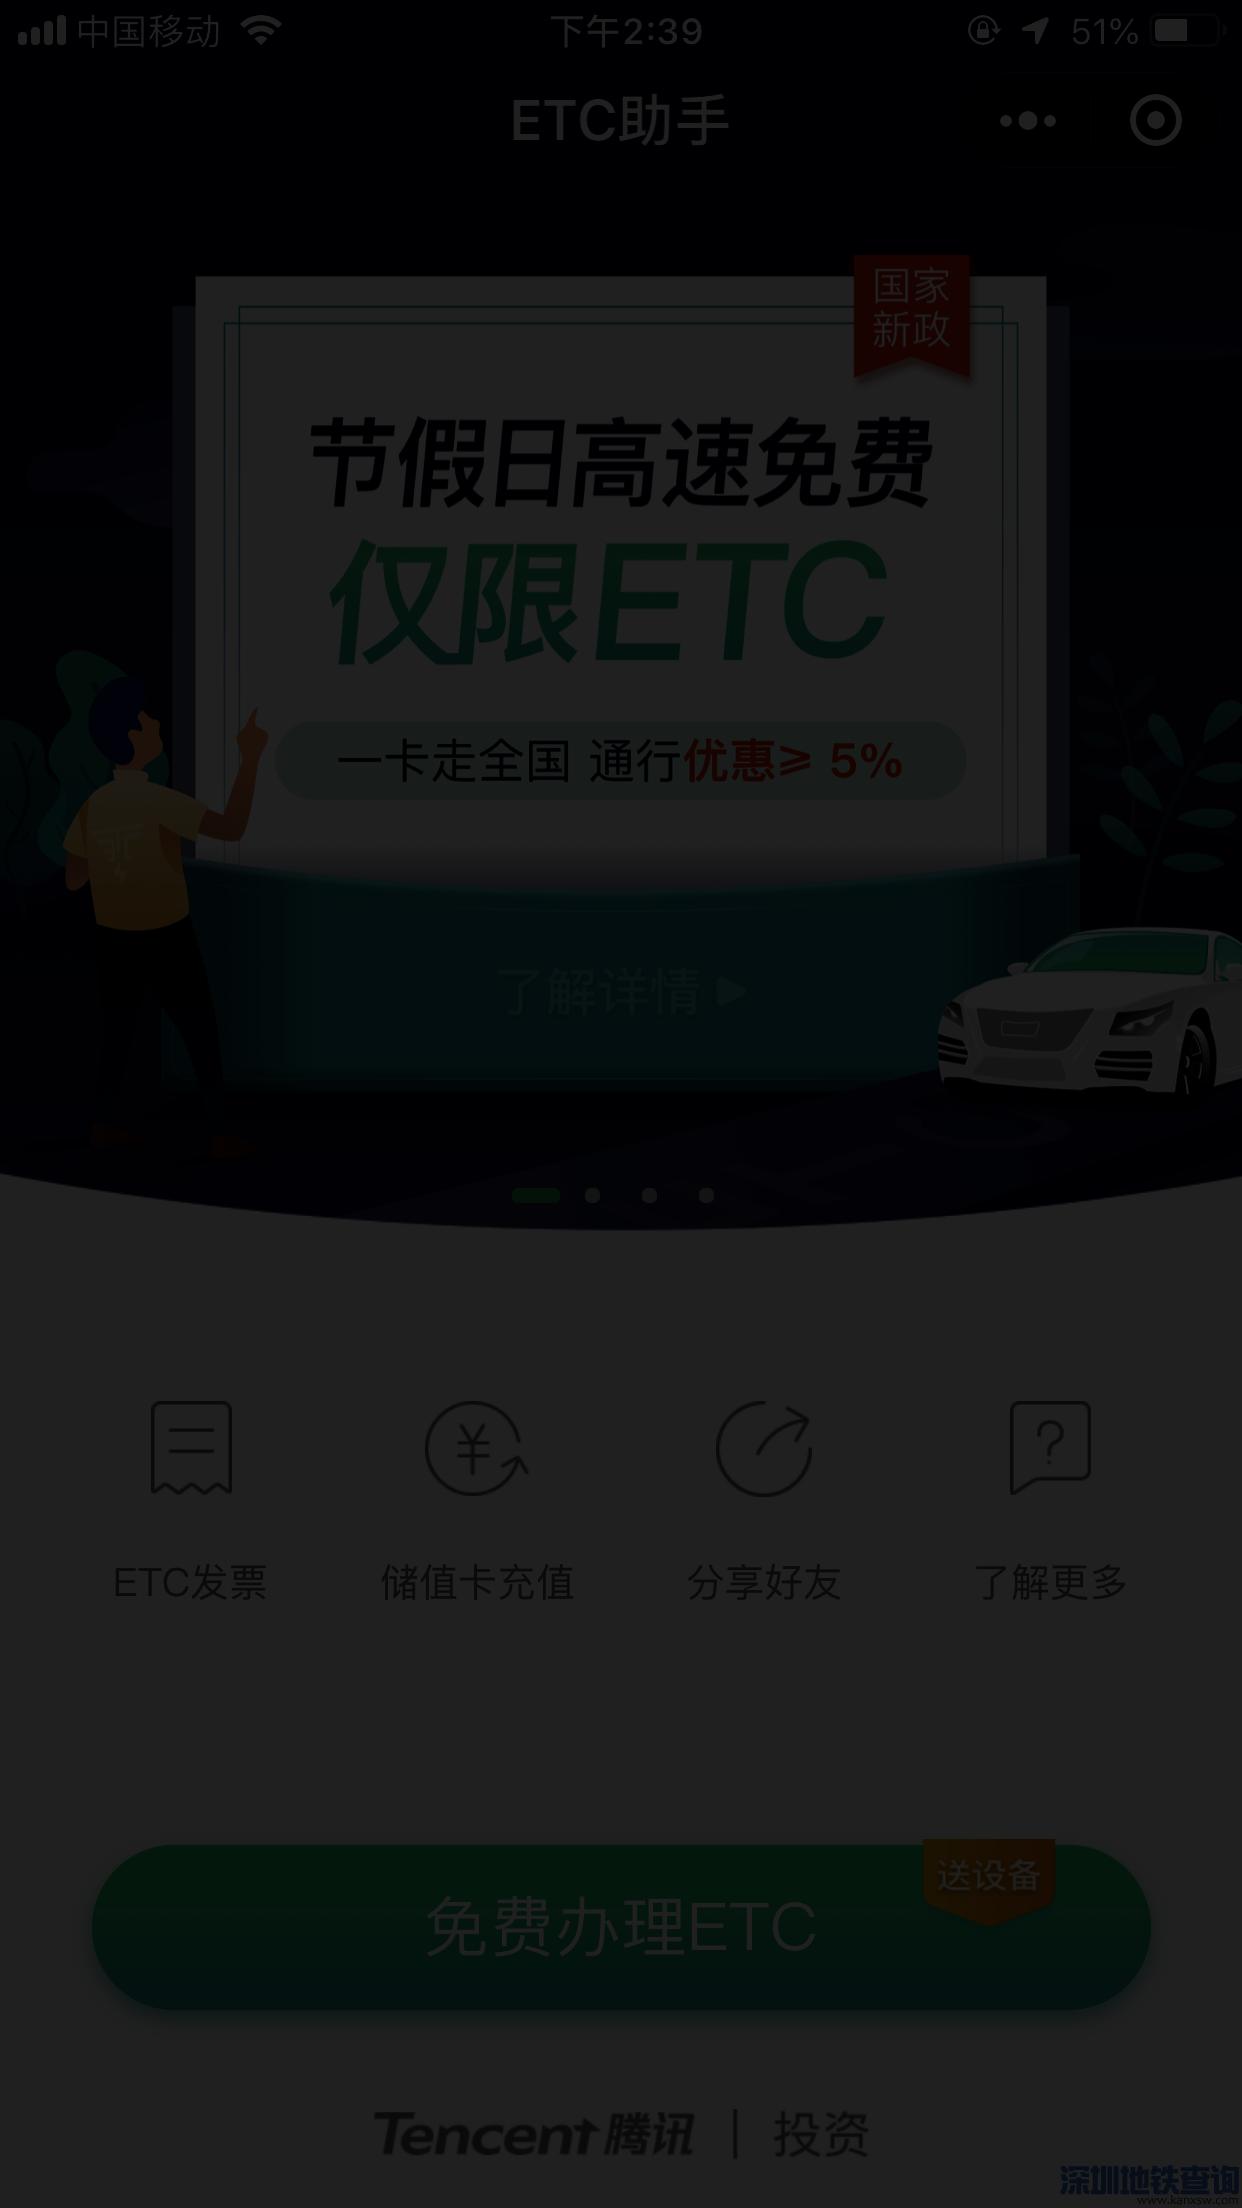 微信免费办理ETC流程(入口 收费标准)